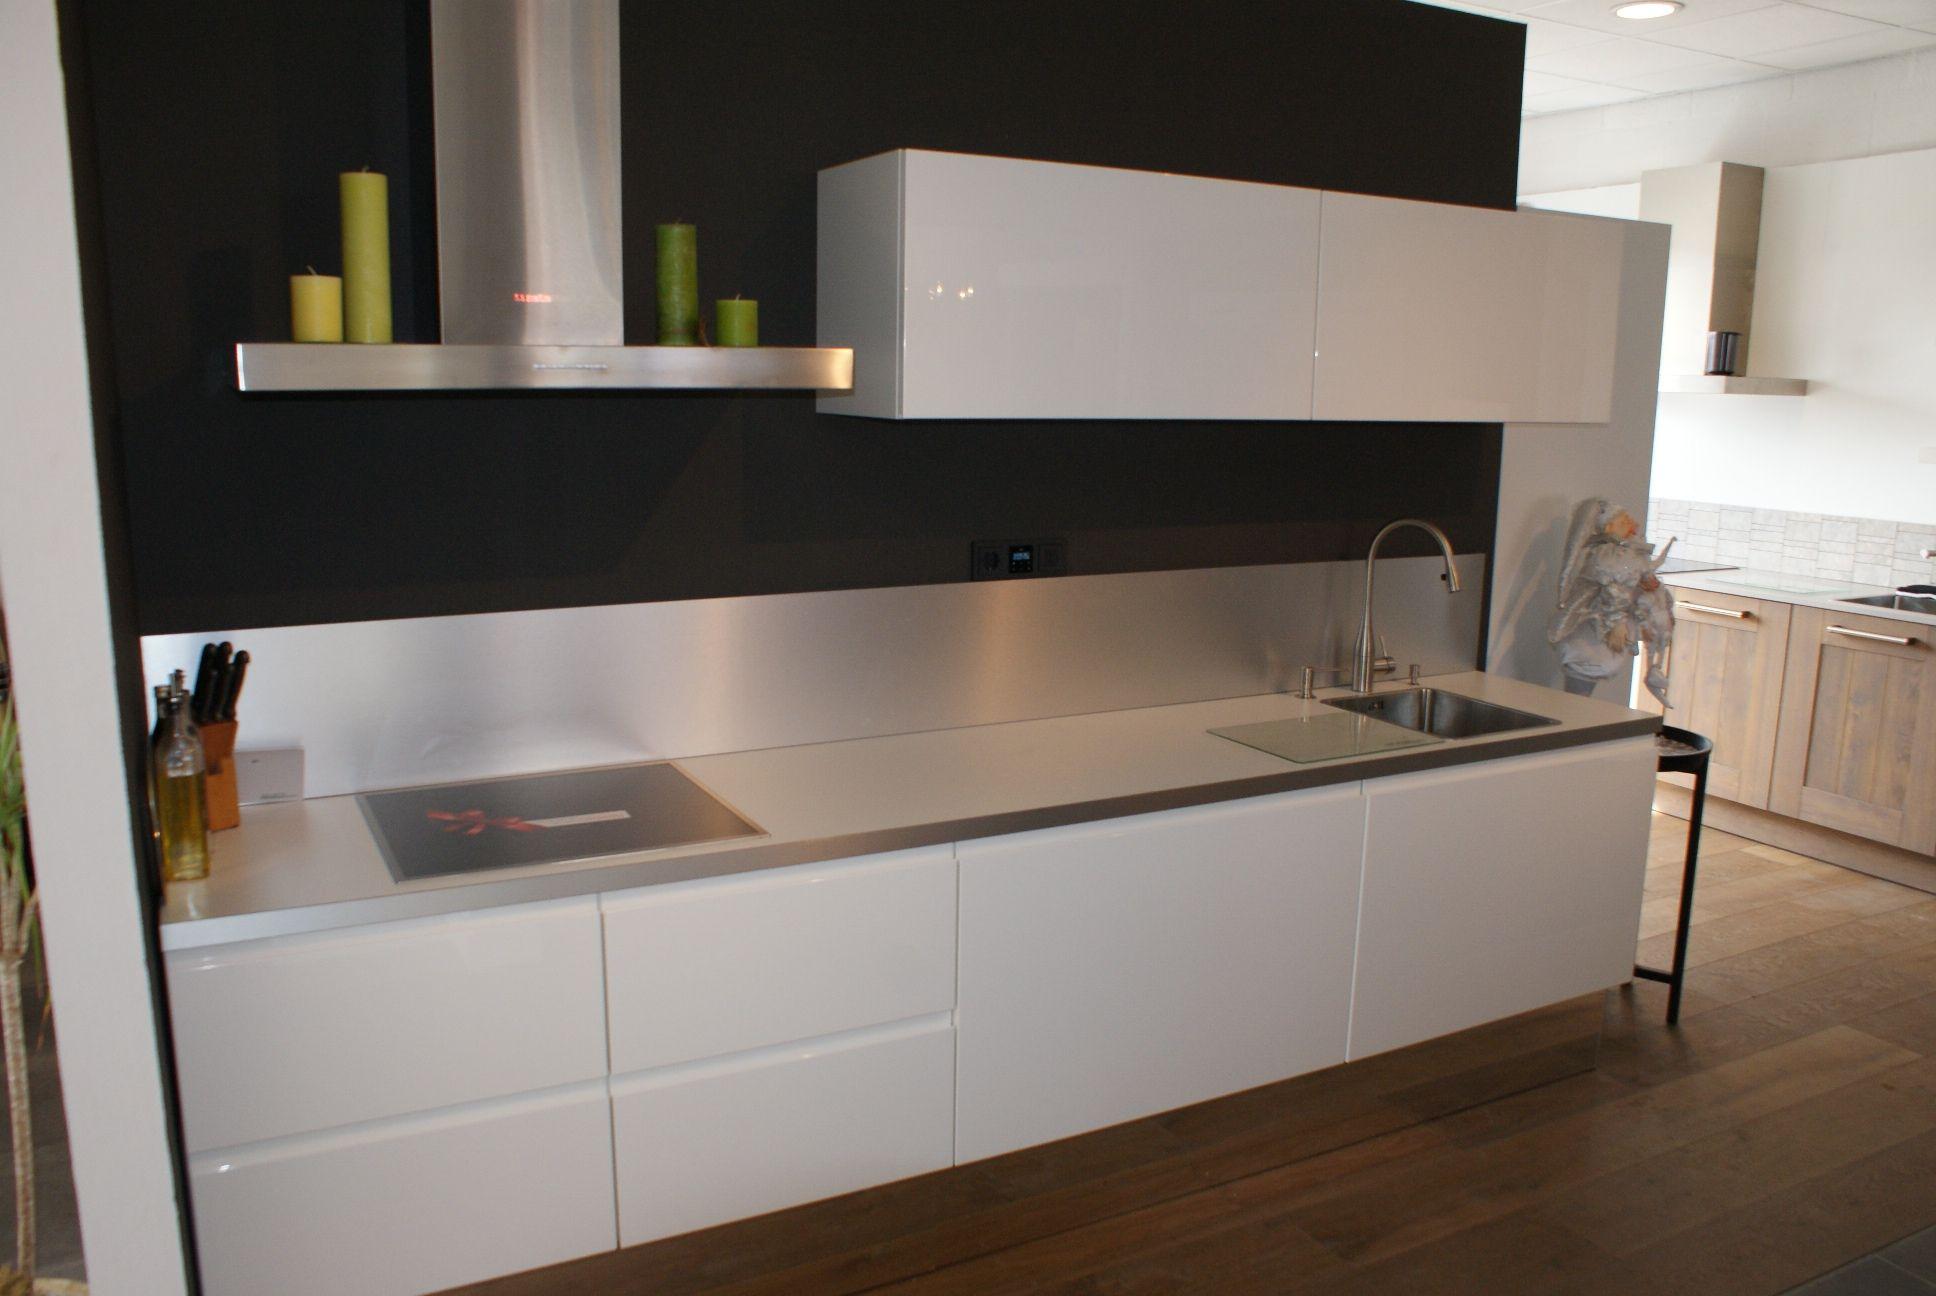 Witte keuken met granieten blad een greeploze keuken met hoogglans witte fronten en composiet - Witte keuken met zwart werkblad ...